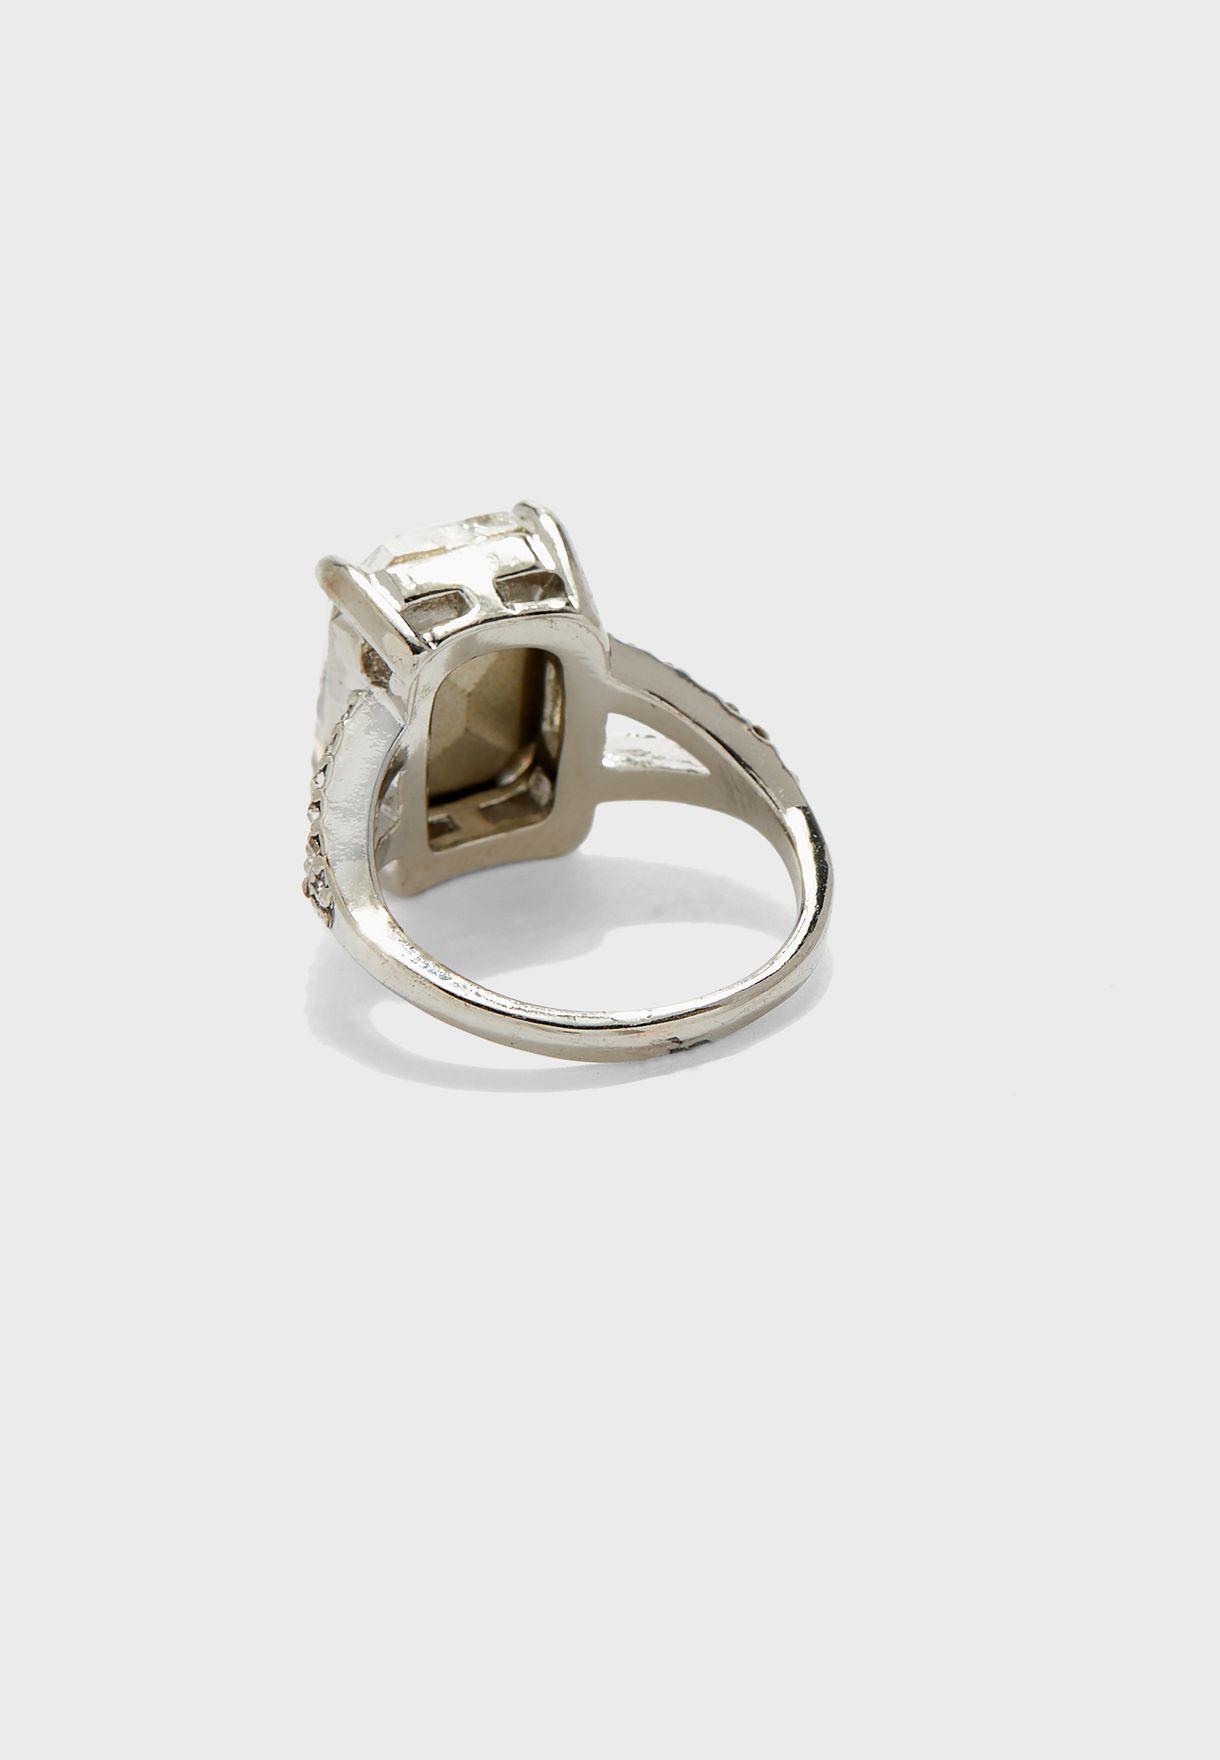 Furma Ring